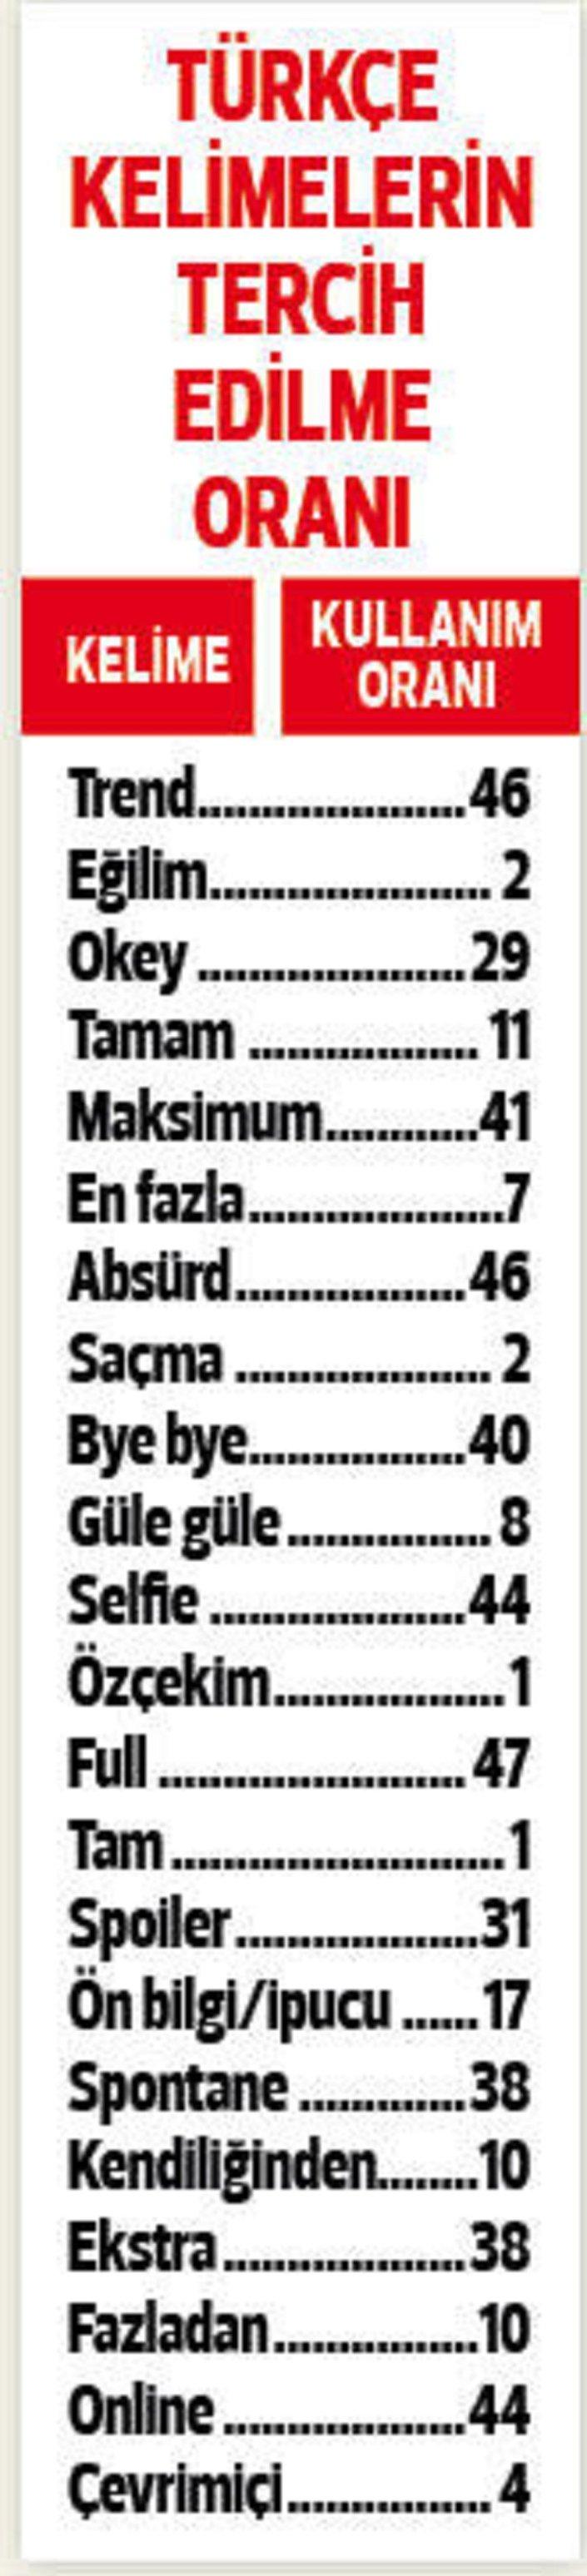 Türkçe kelimelerin tercih edilme oranları